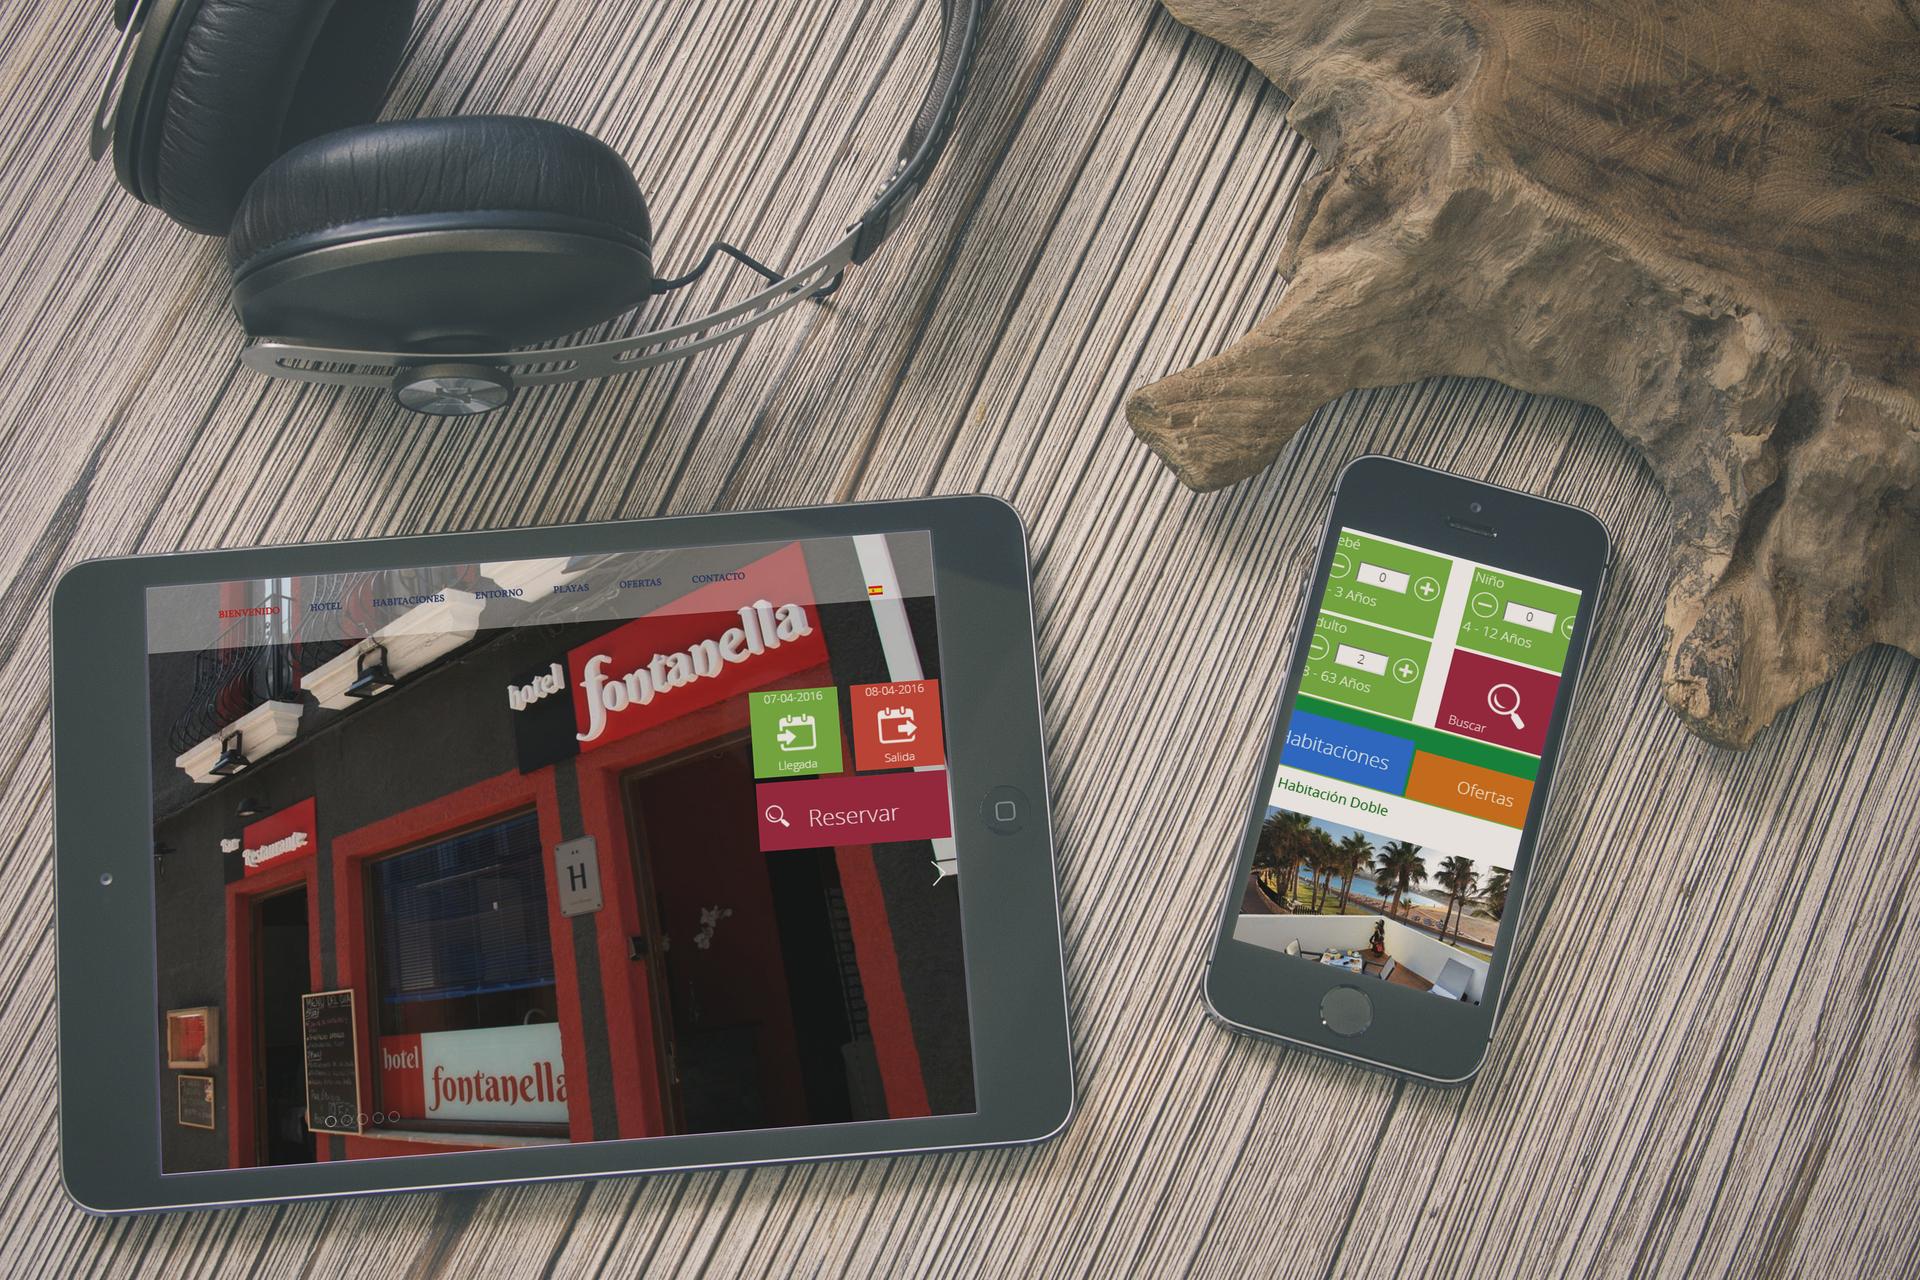 Hotel Fontanella – Entorno comercial